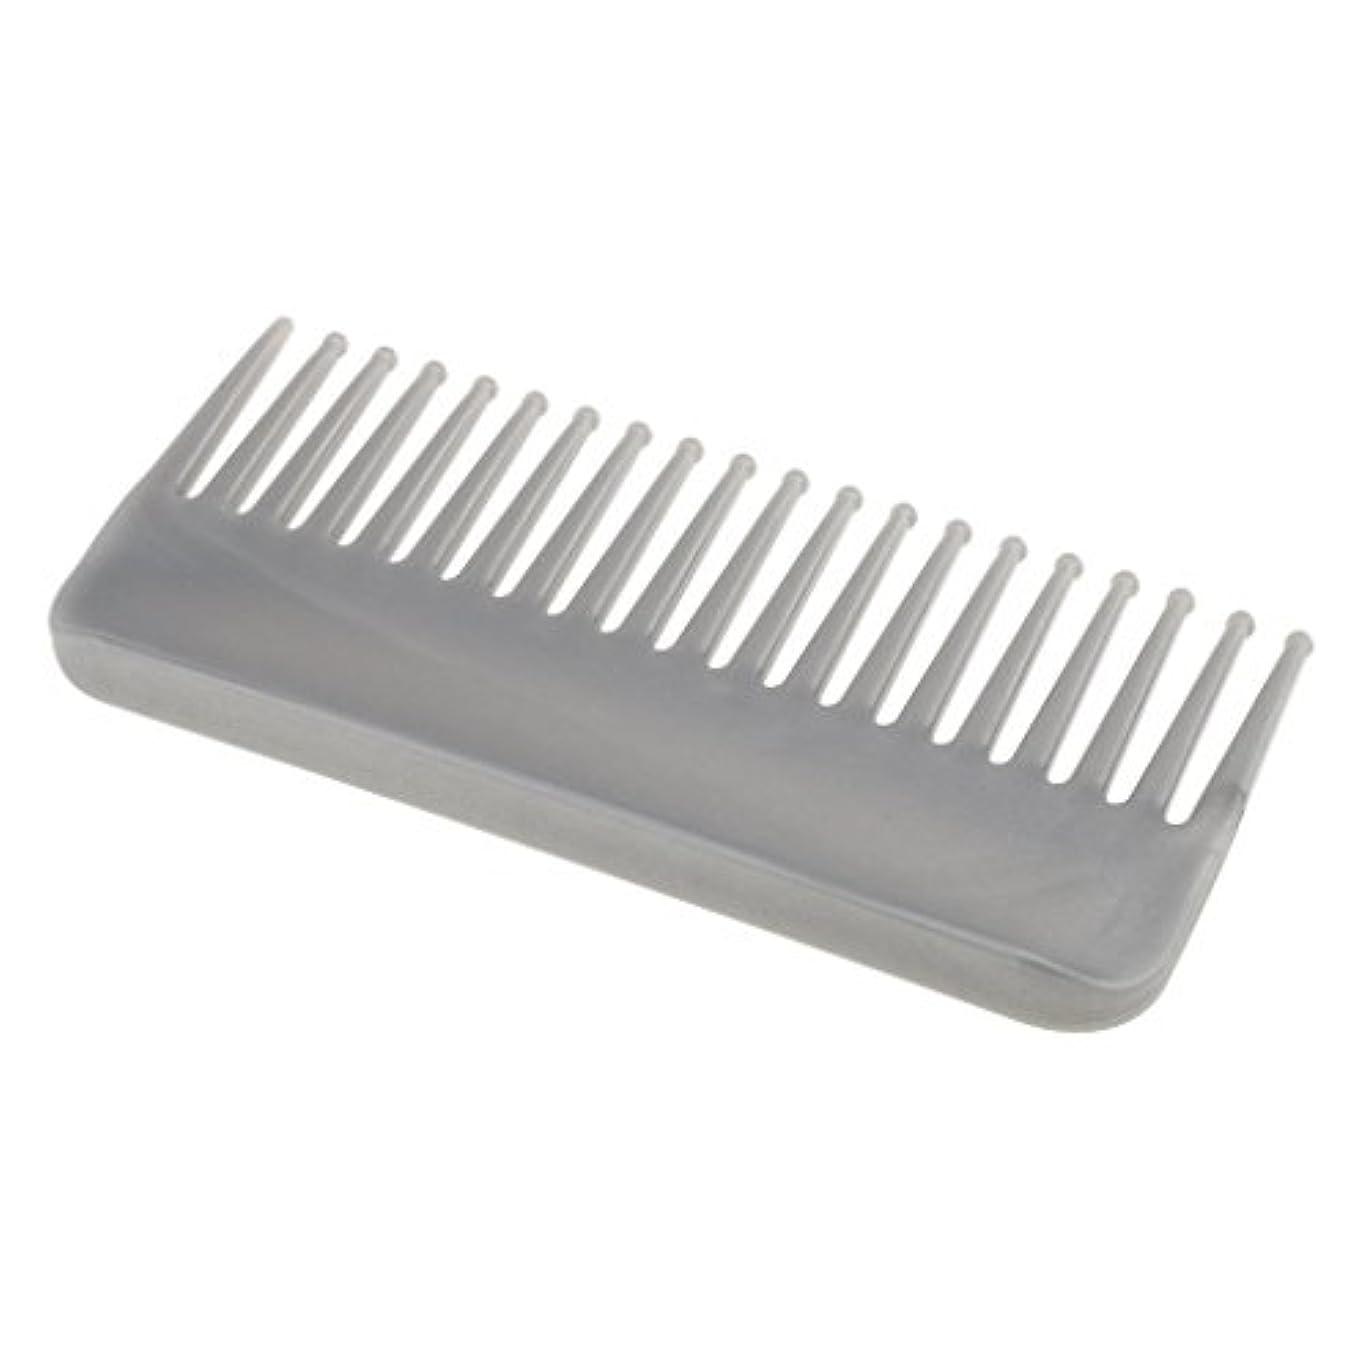 アーネストシャクルトン葉巻おしゃれなCUTICATE プラスチック製の絡みのない広い歯のヘアブラシサロンヘアケアマッサージツール